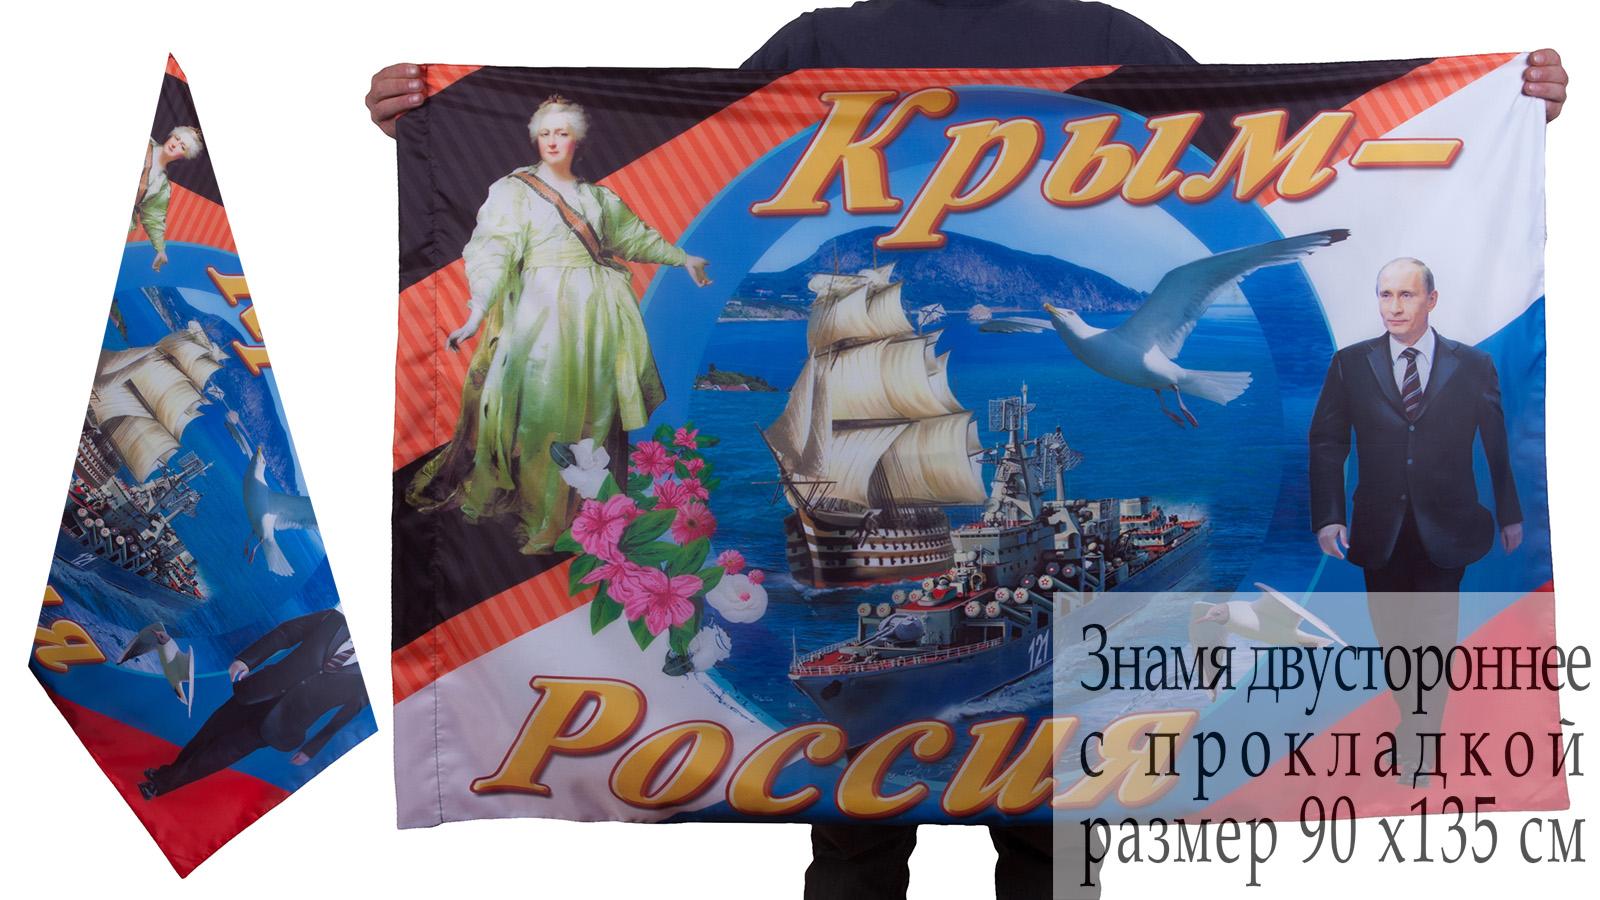 Сувениры Крым оптом - флаги и знамёна